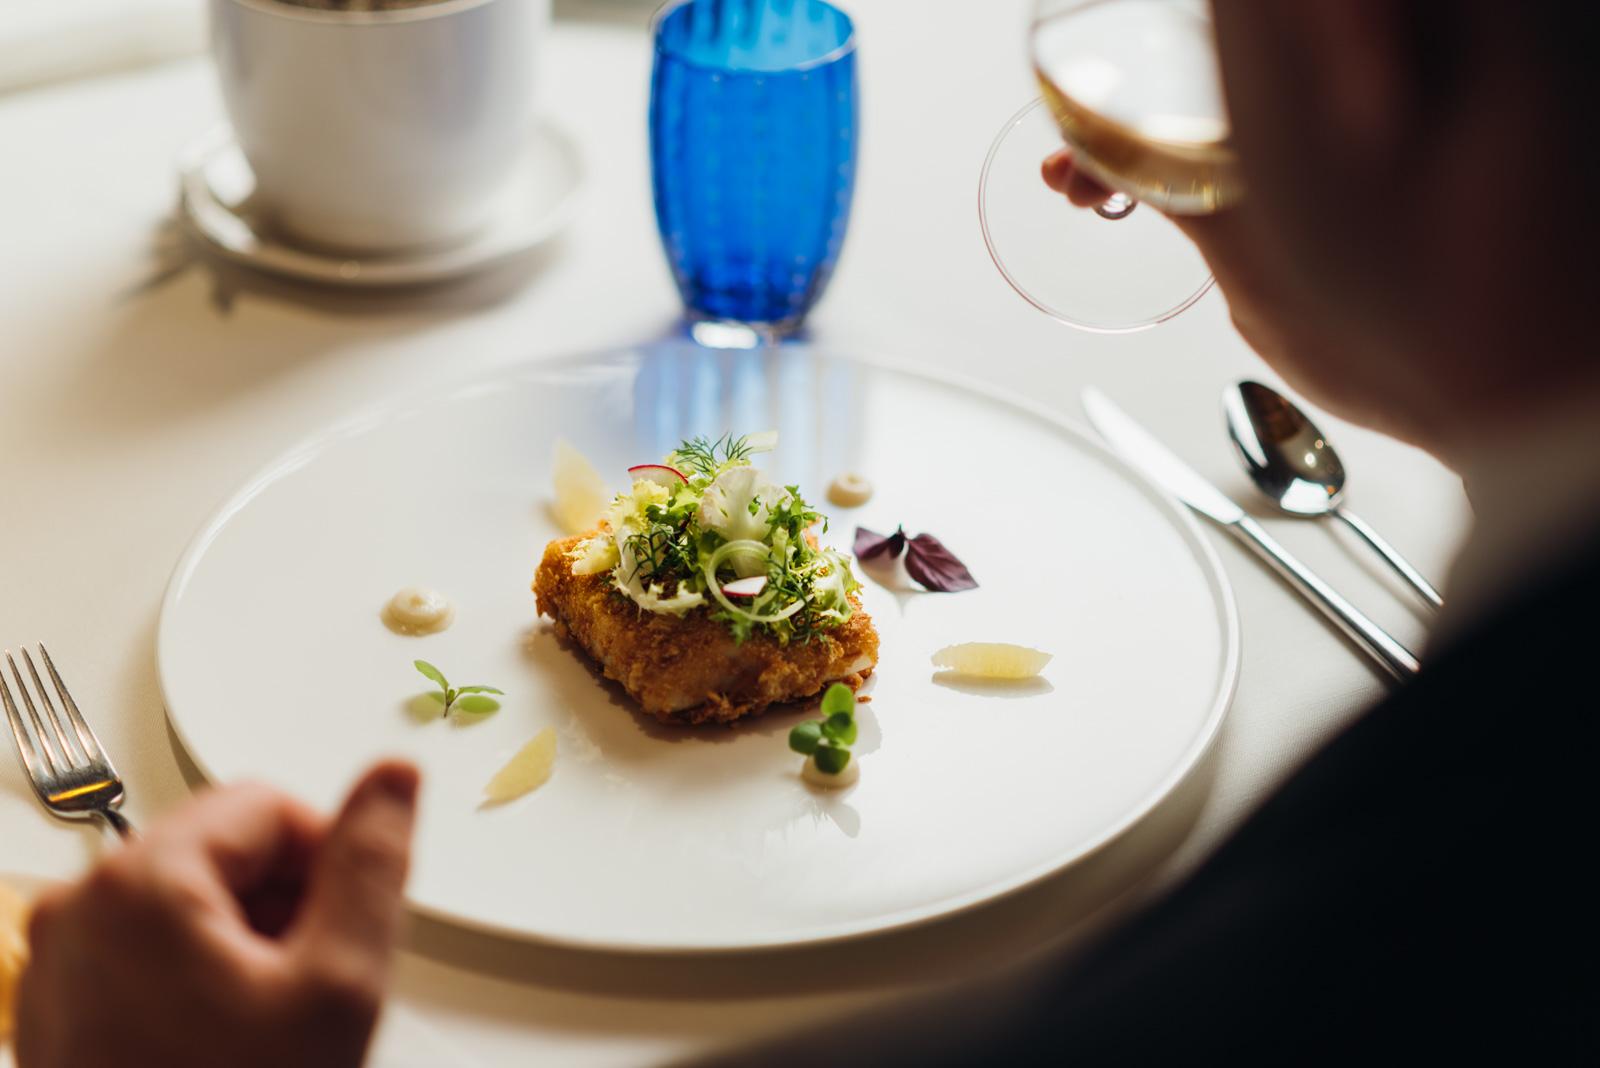 tre-olivi-savoy-beach-hotel-capaccio-paestum-fotografia-food-salerno